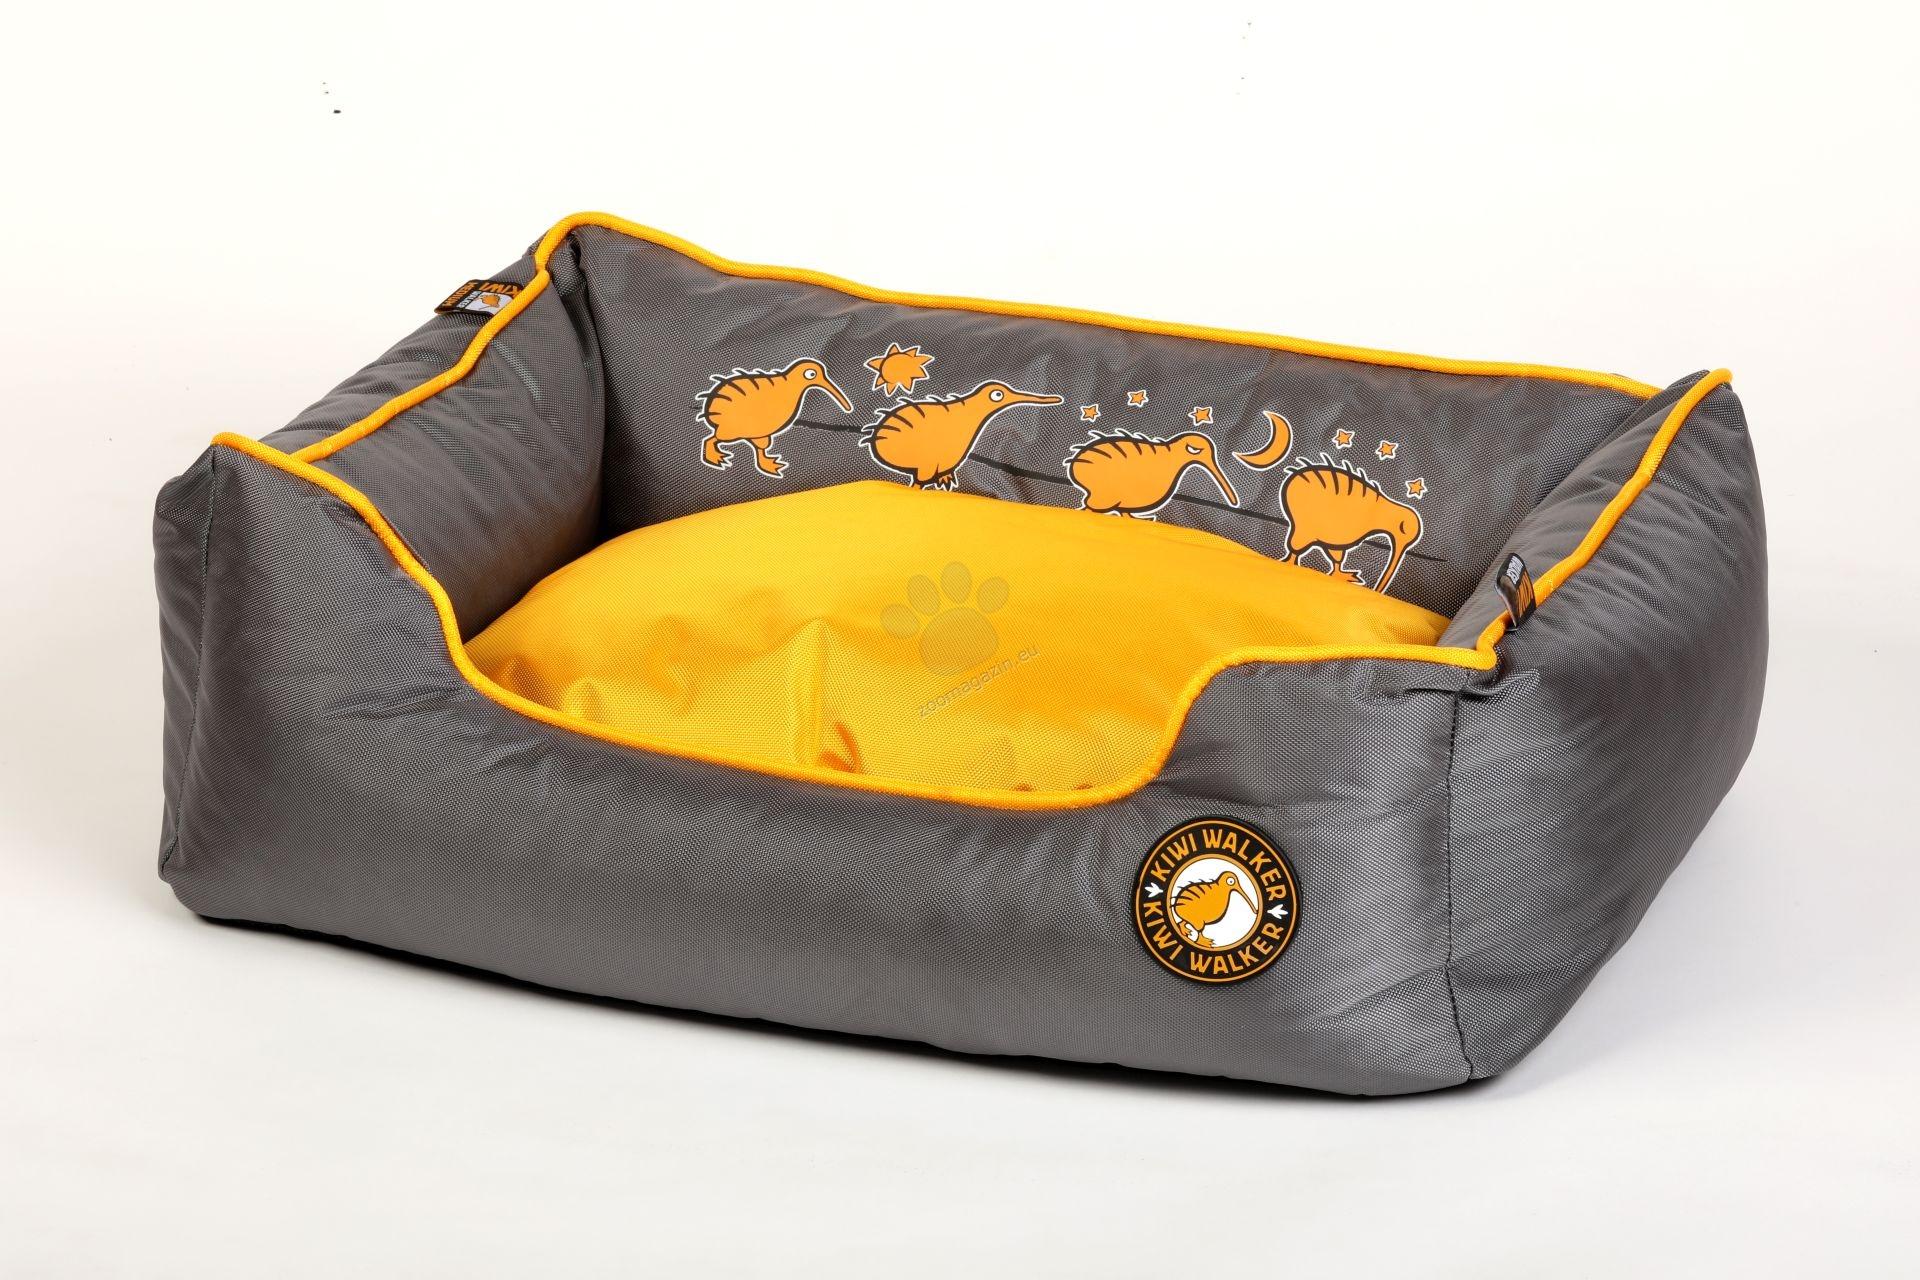 Kiwi Walker Bed Running XL - ортопедично легло с мемори пяна 95 / 65 / 26 см. / розов, оранжев, зелен /